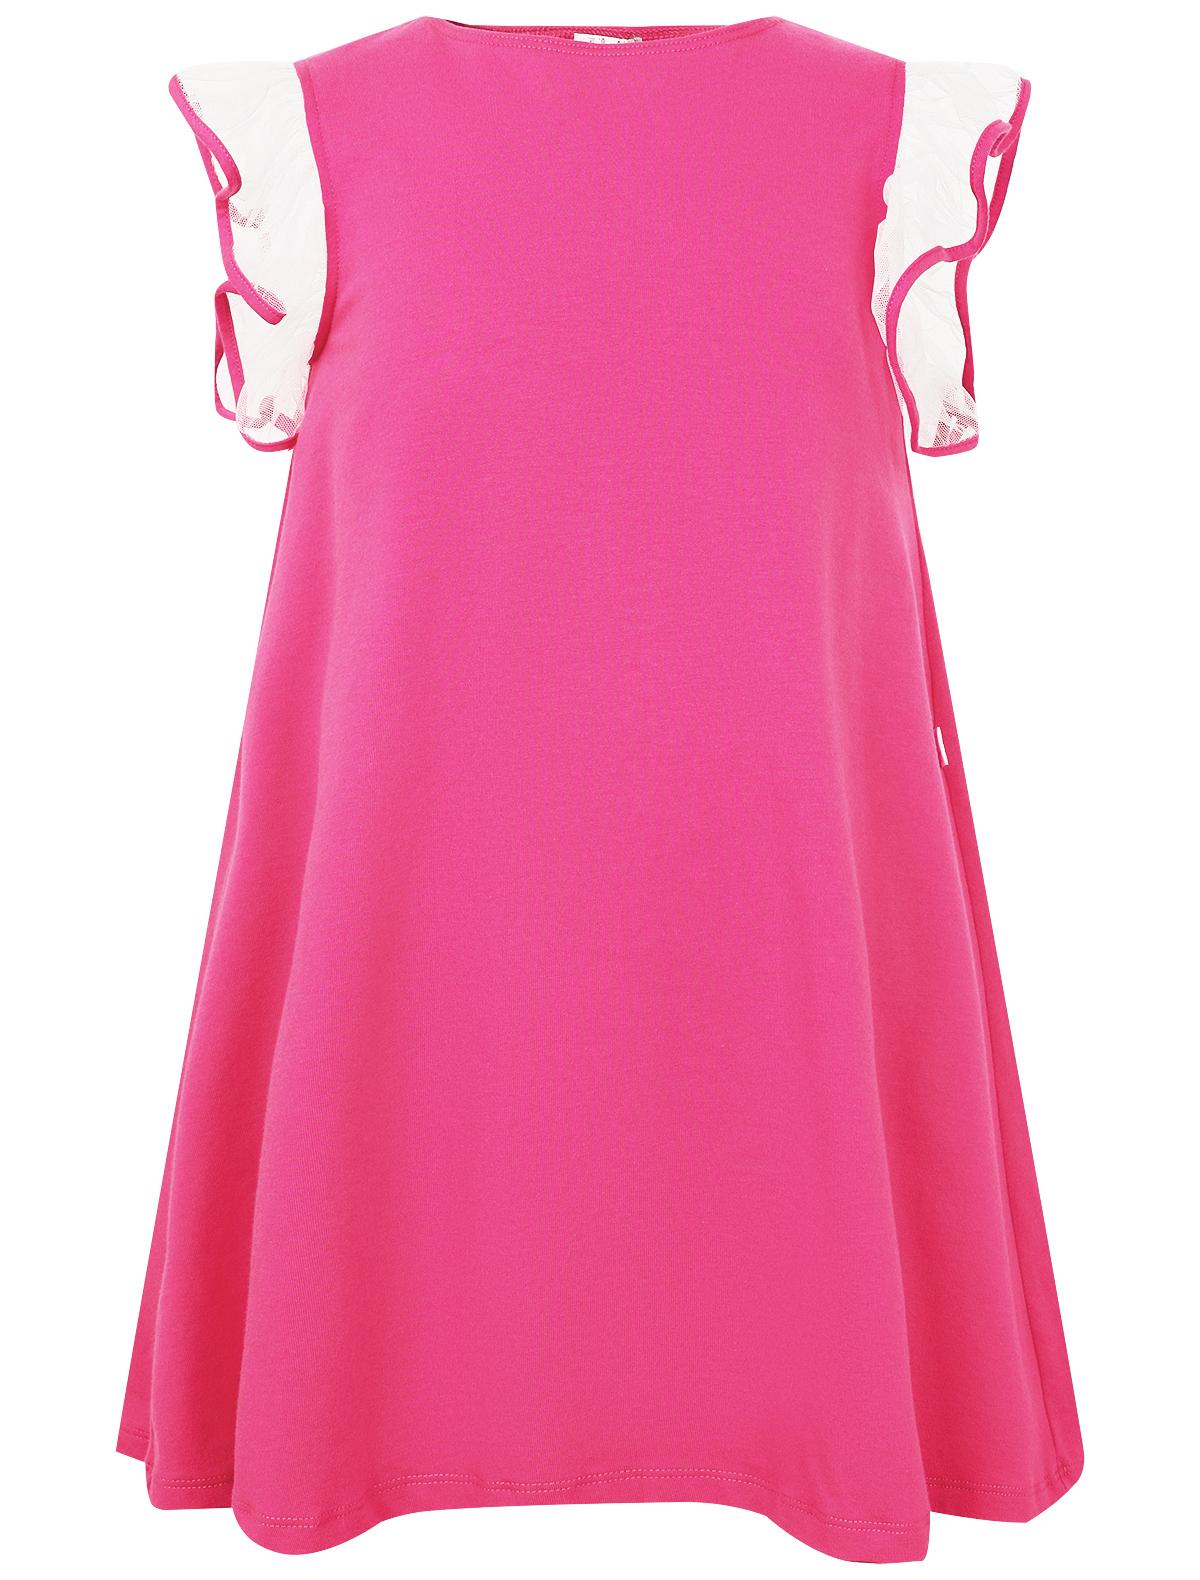 Купить 2170802, Платье Il Gufo, розовый, Женский, 1054509073392